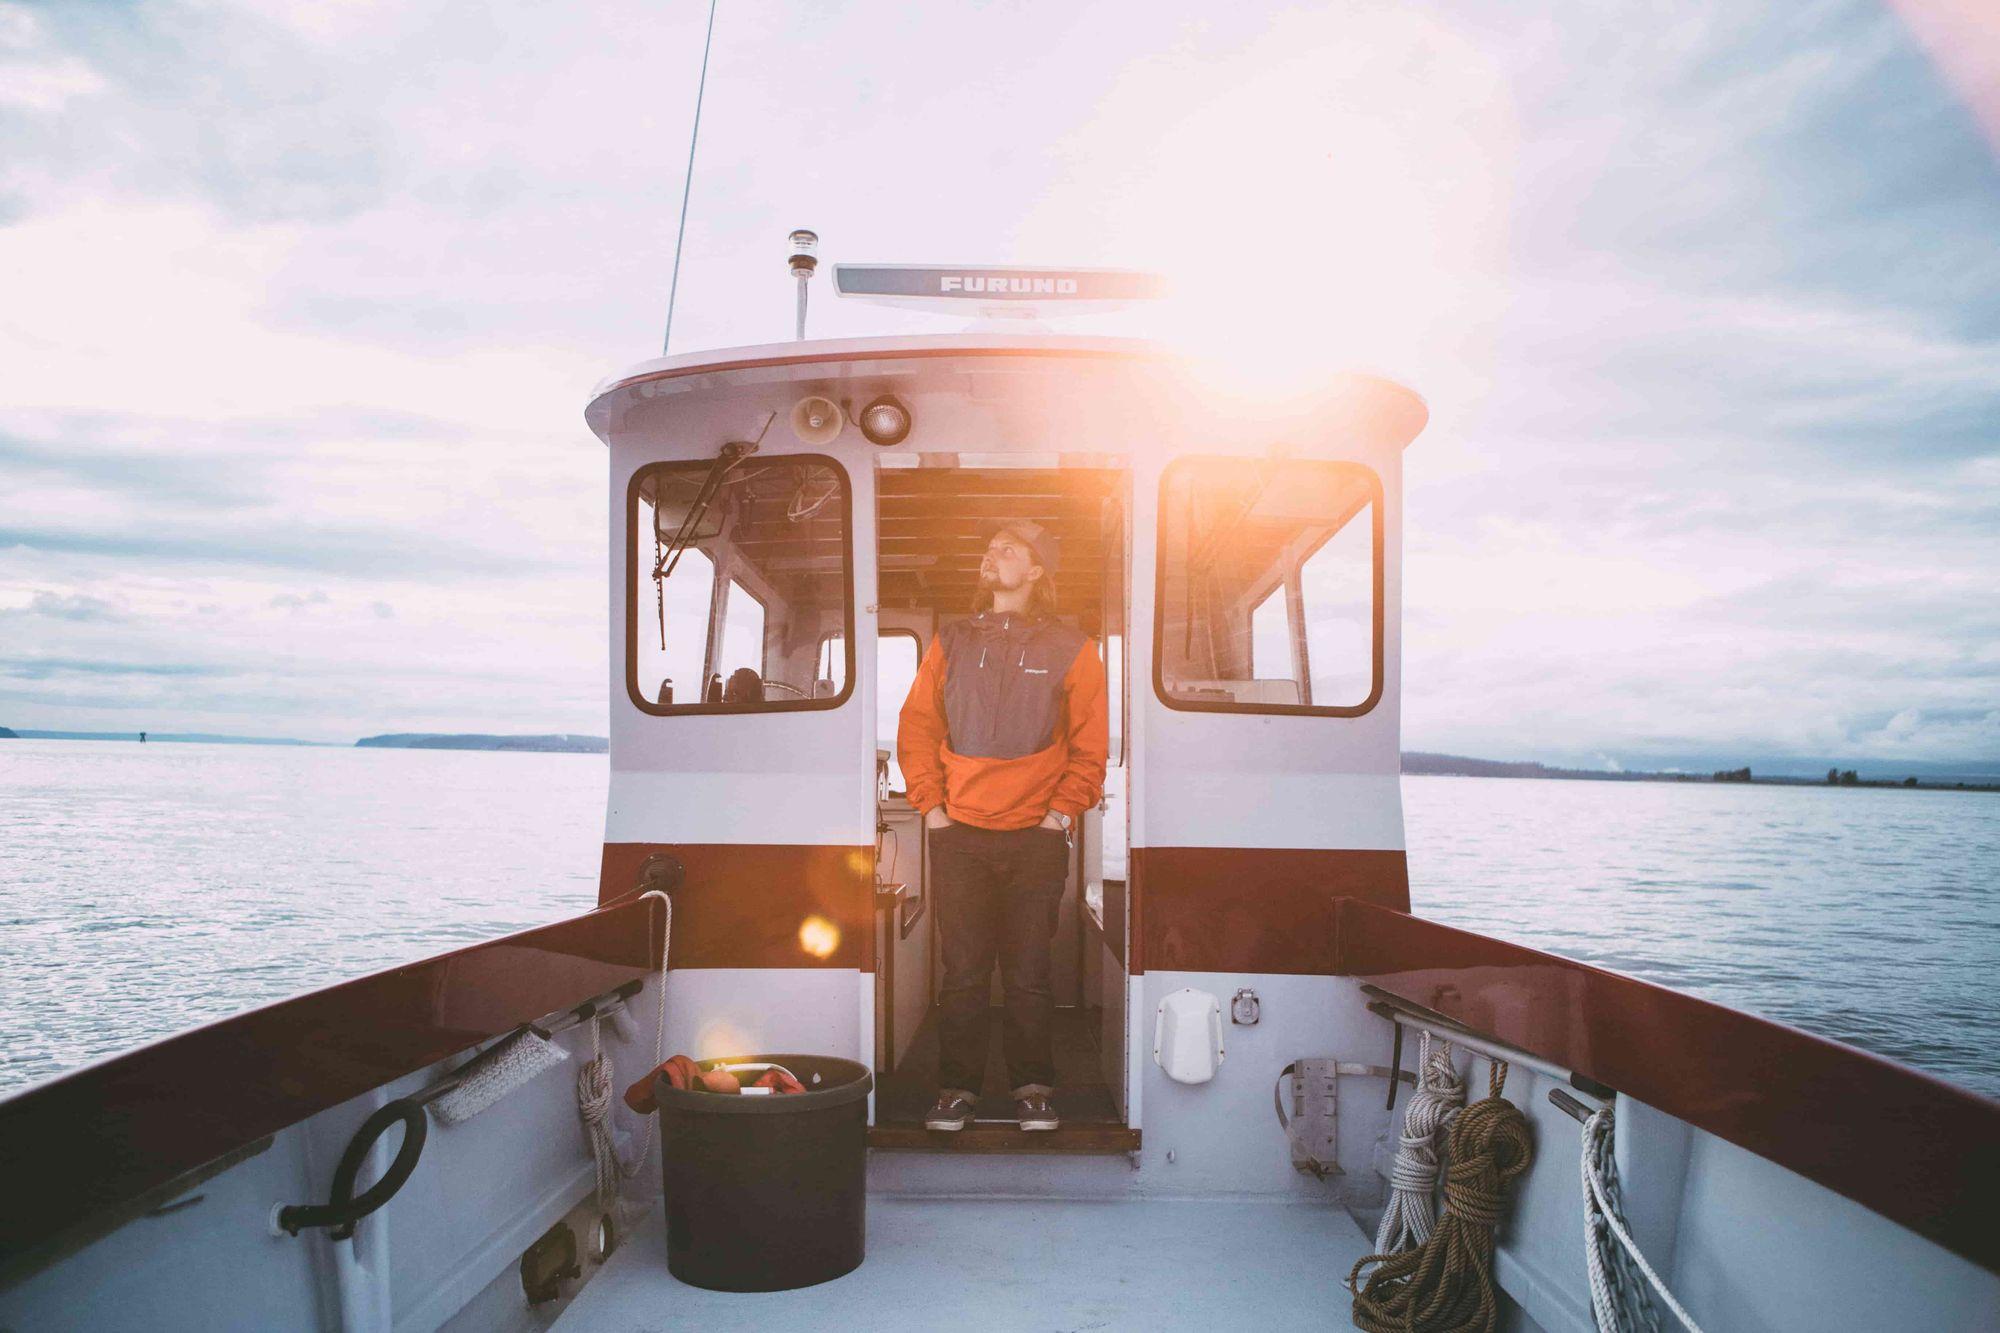 Mantenimiento de Barcos: ¿Cómo limpiar un barco?